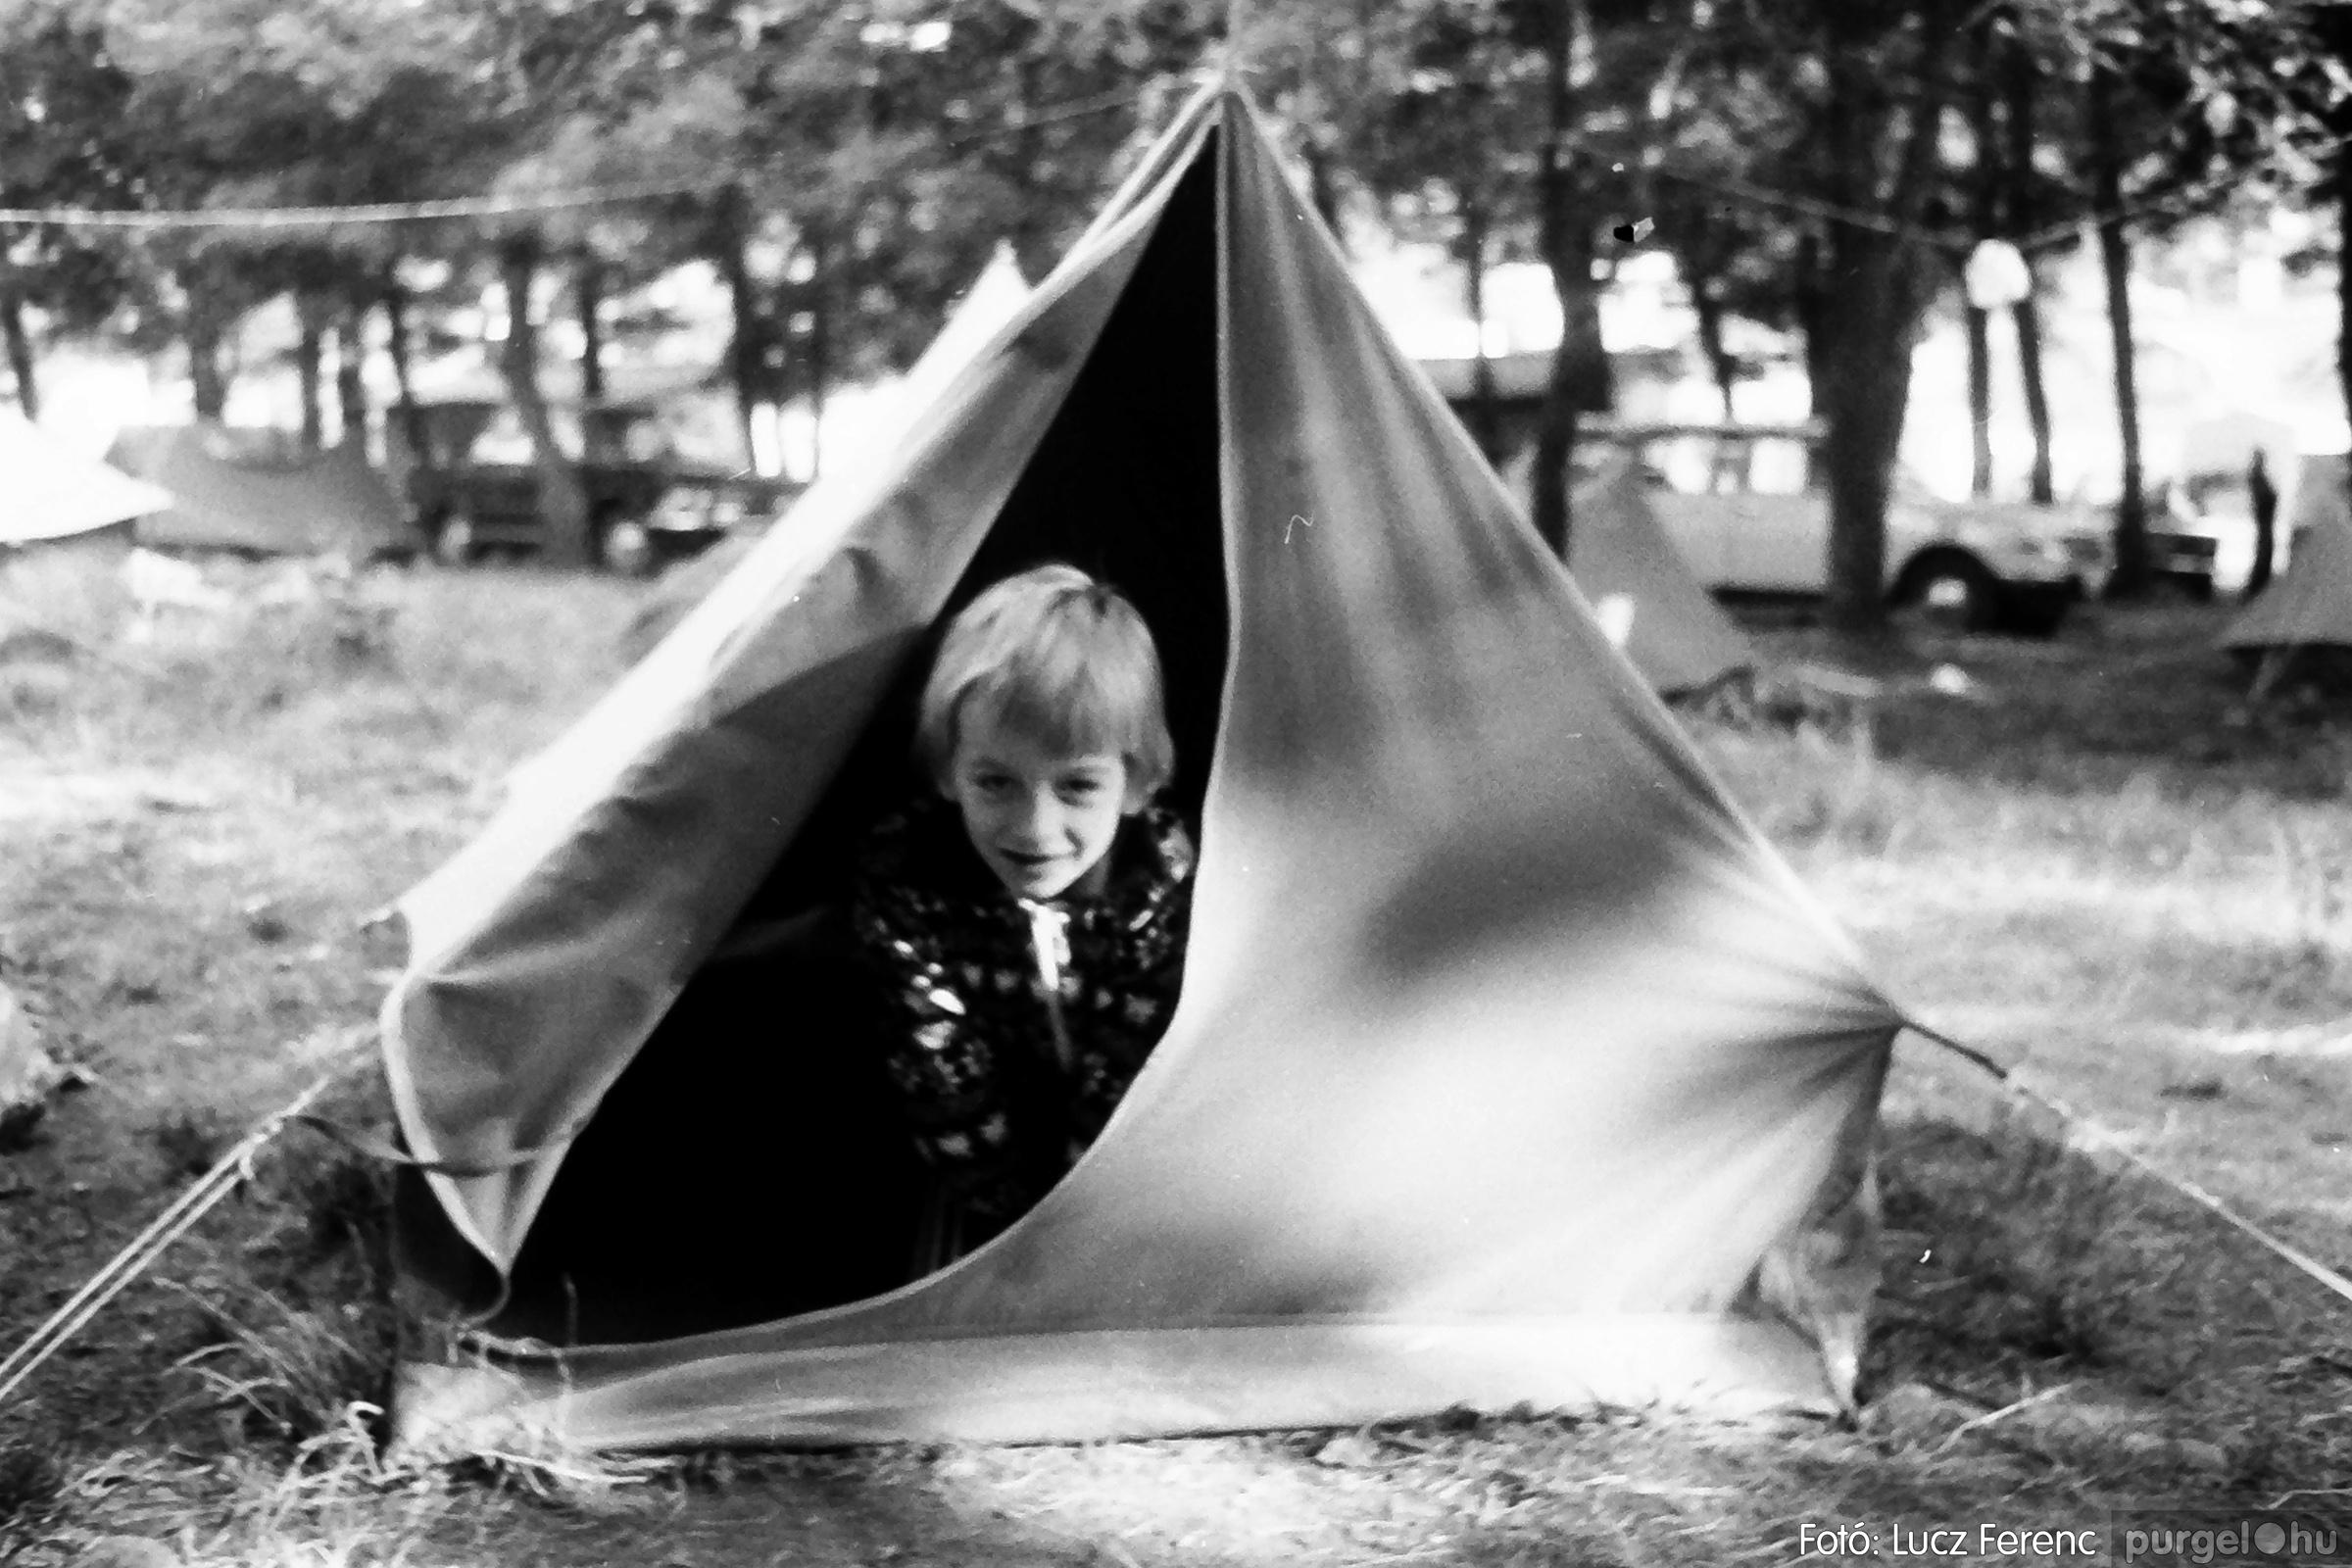 086, 088. 1977. Nyári tábor a Mátrában 065. - Fotó: Lucz Ferenc.jpg